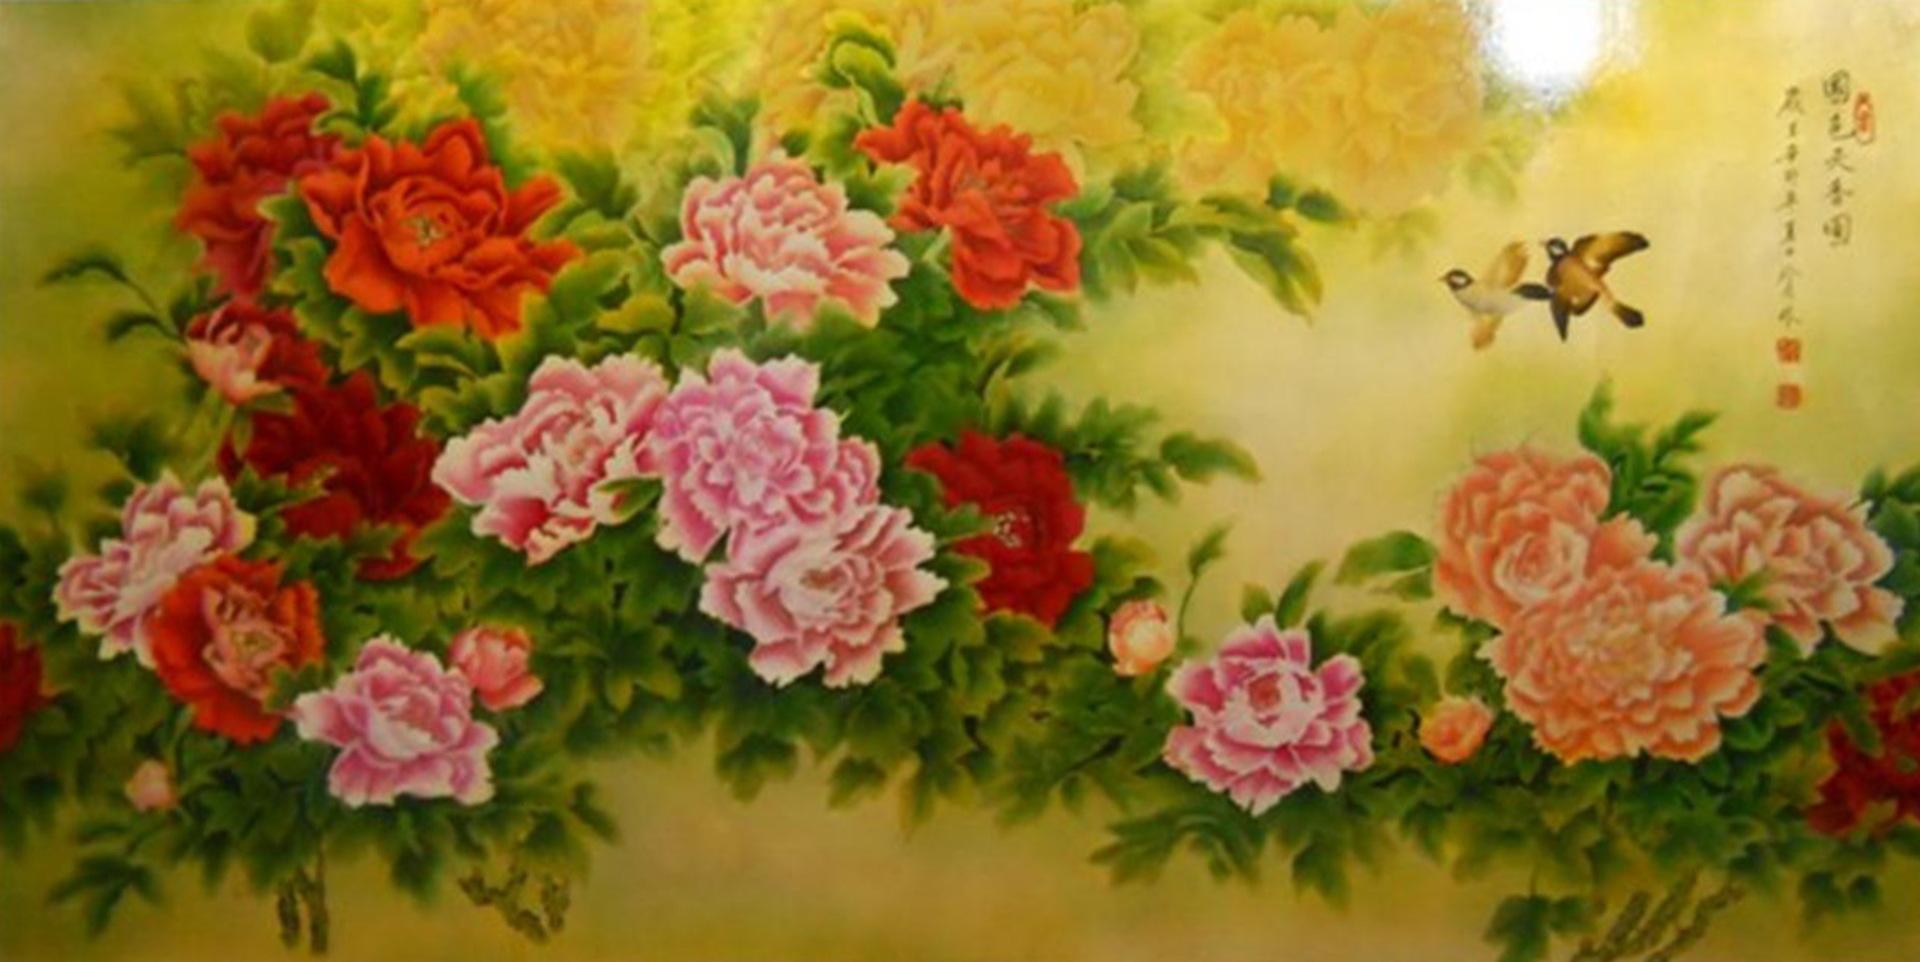 壁画 金箔画 漆画 装饰画